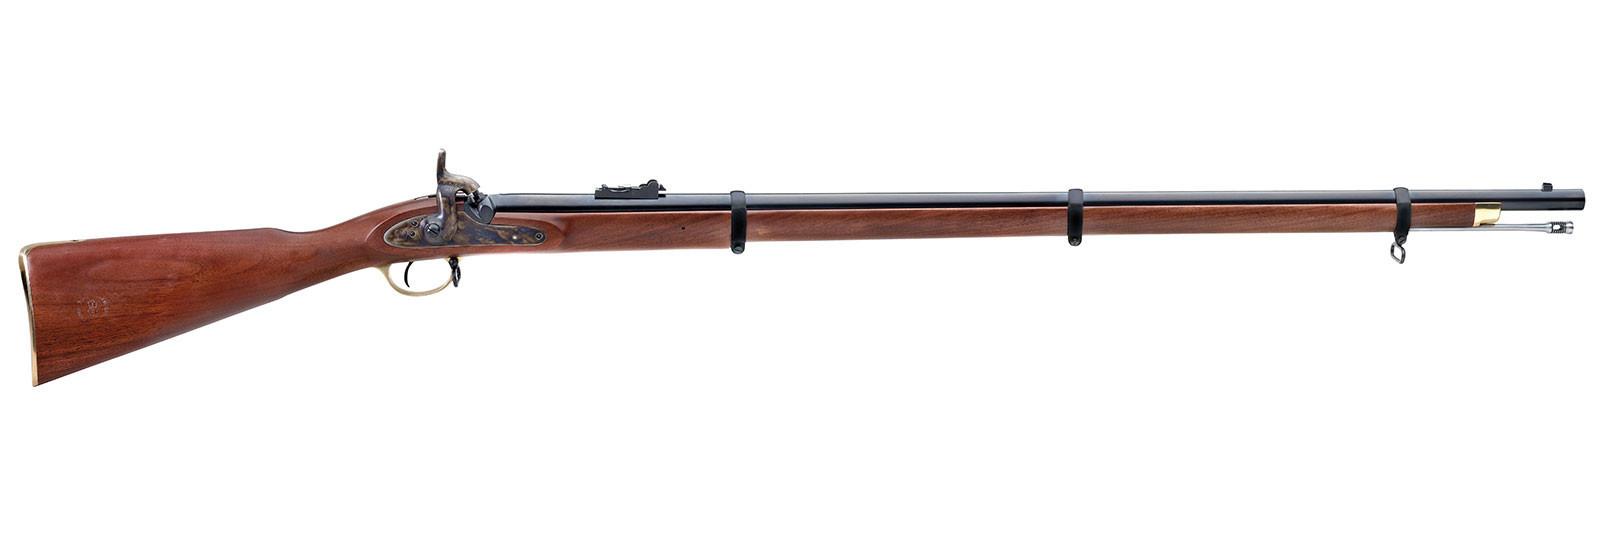 Fucile Enfield 3 band P1853